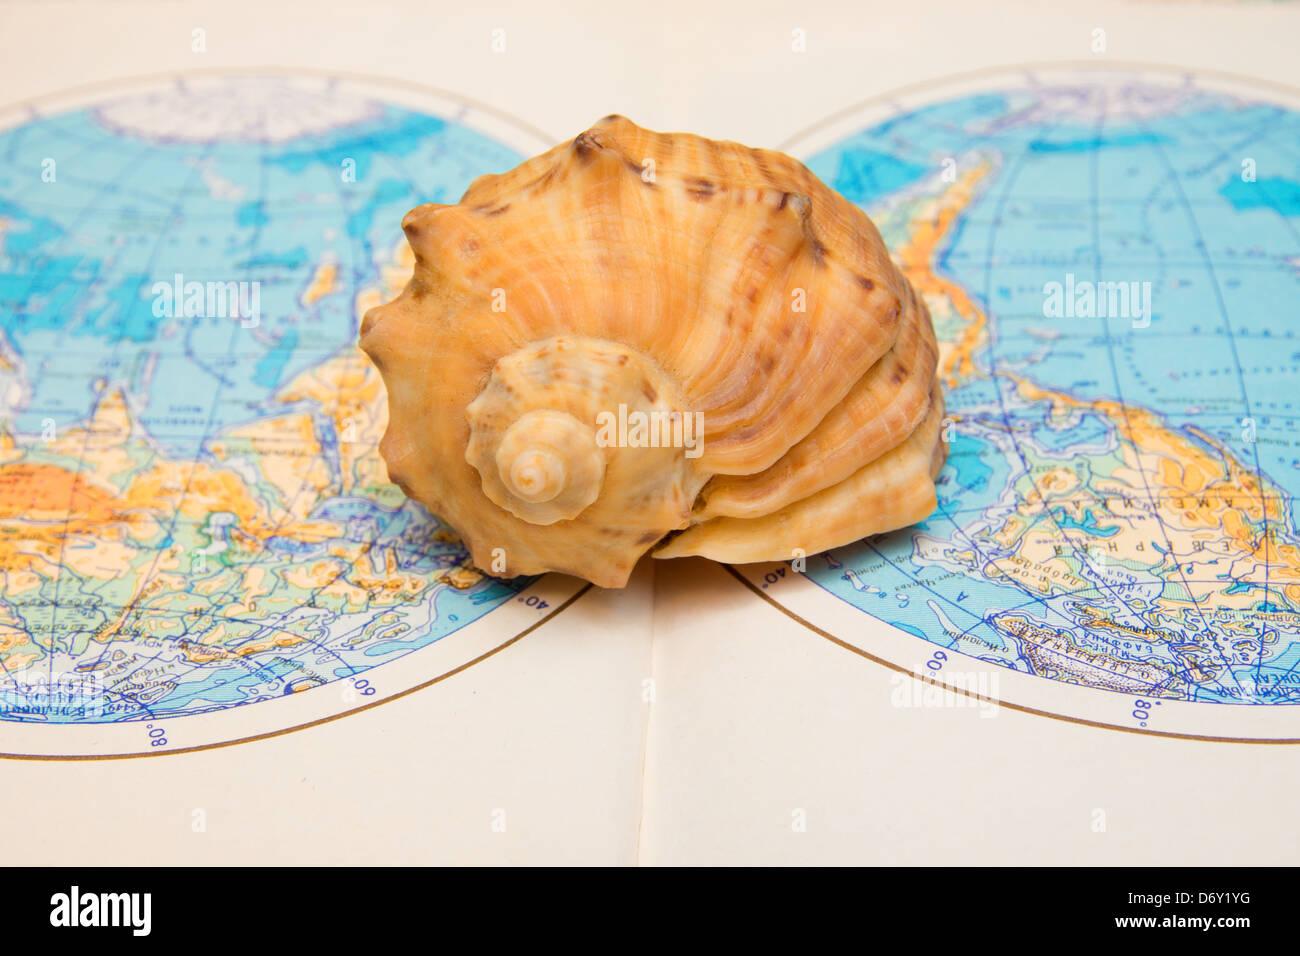 Conchiglia di mare sulla mappa del mondo vicino. Concetto di viaggio. Immagini Stock